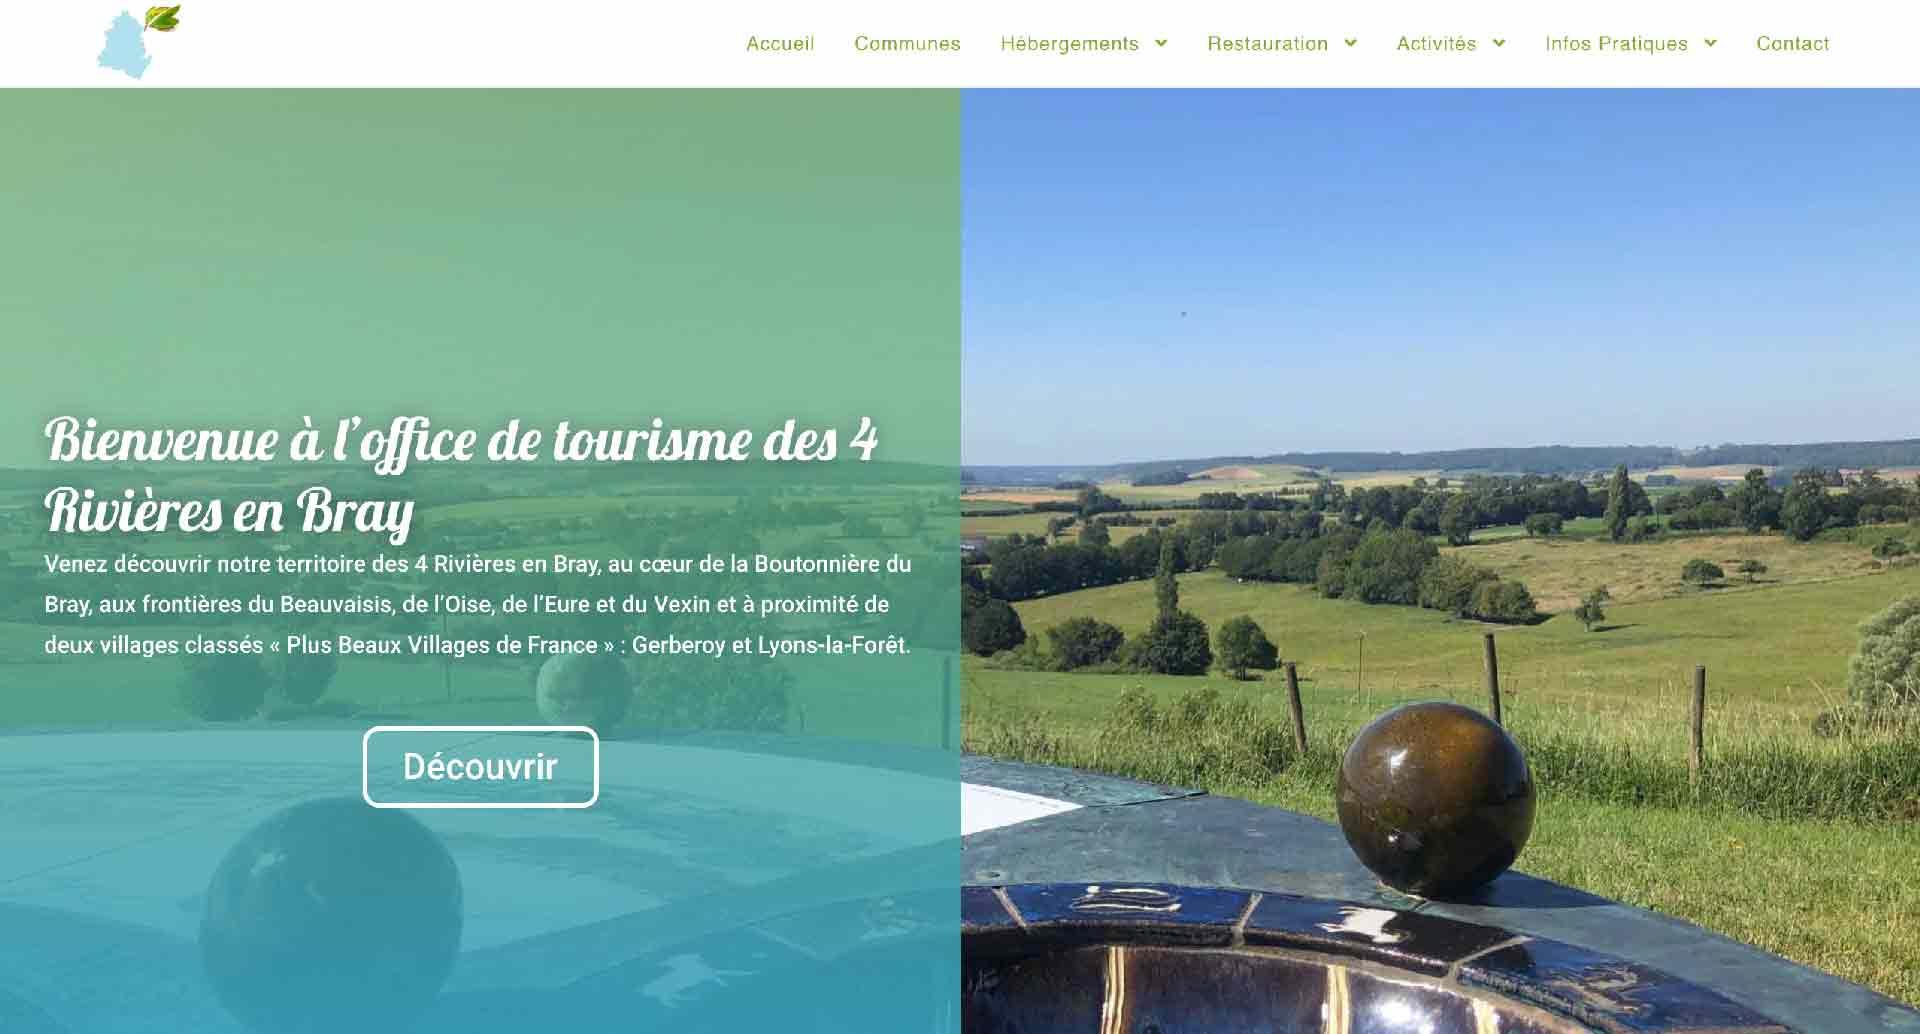 article-offic-nouveau-site